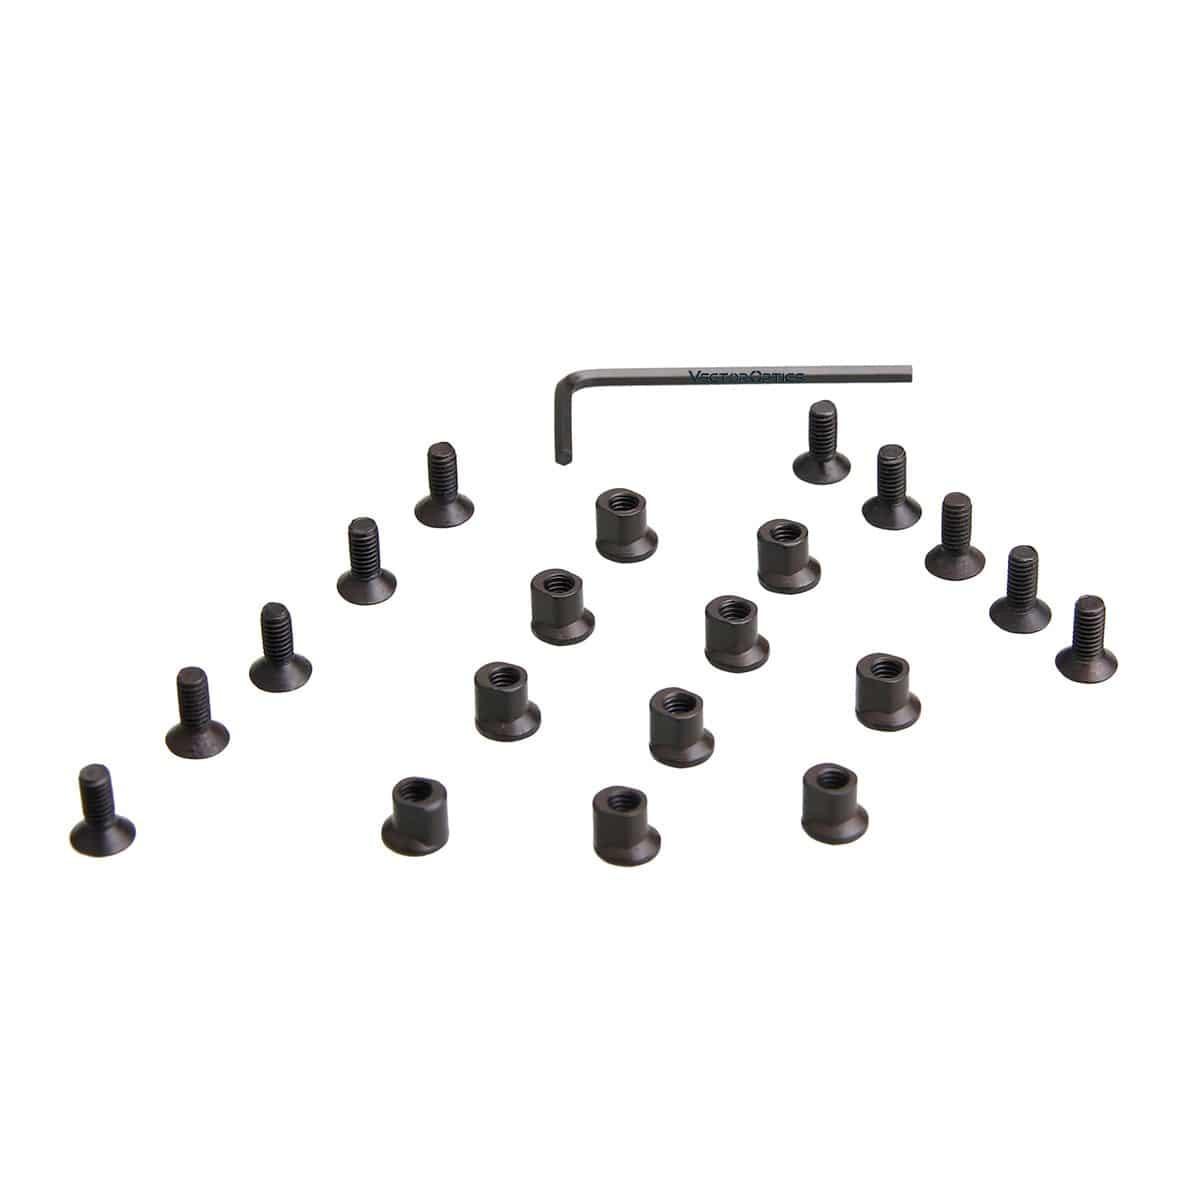 Kit de parafusos para fixação de acessórios - KEYMOD